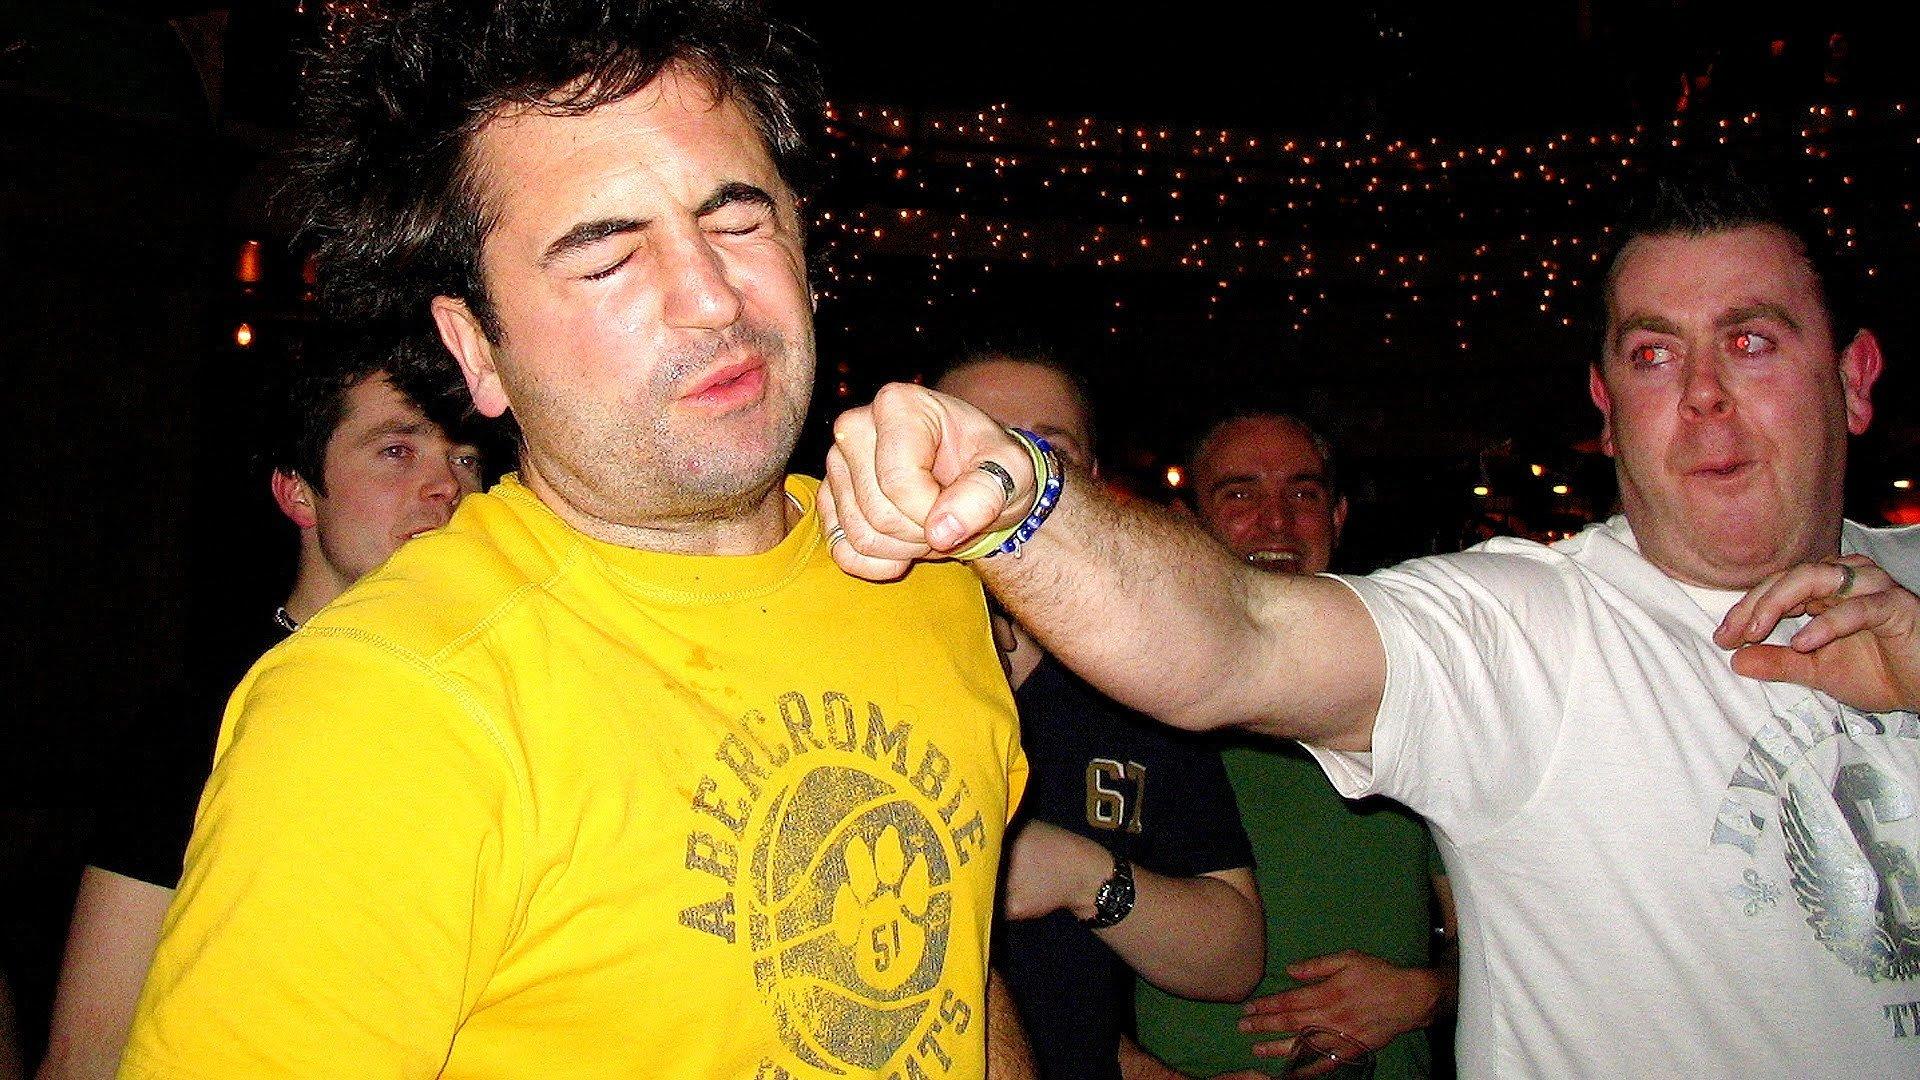 почему пьяные дерутся пьяные драки пьяная драка наука отвратительные мужики disgusting men